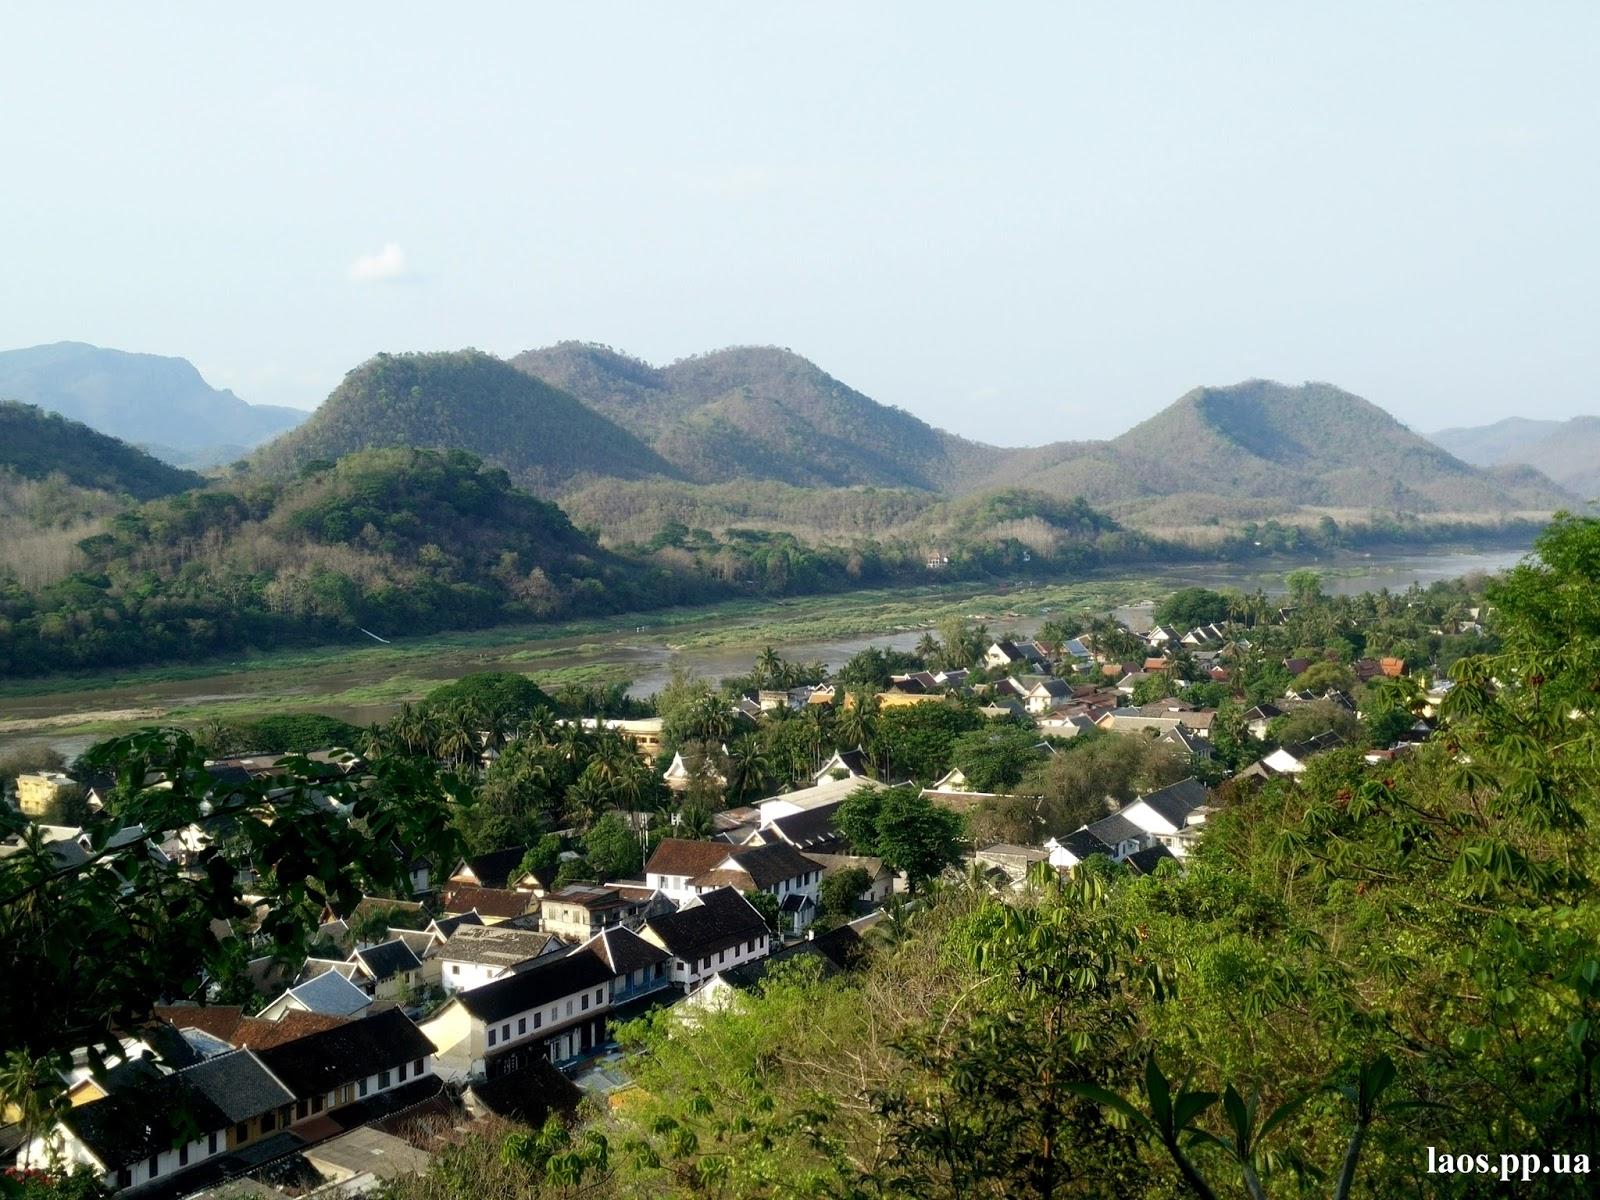 Отдых в Лаосе: отзывы туристов